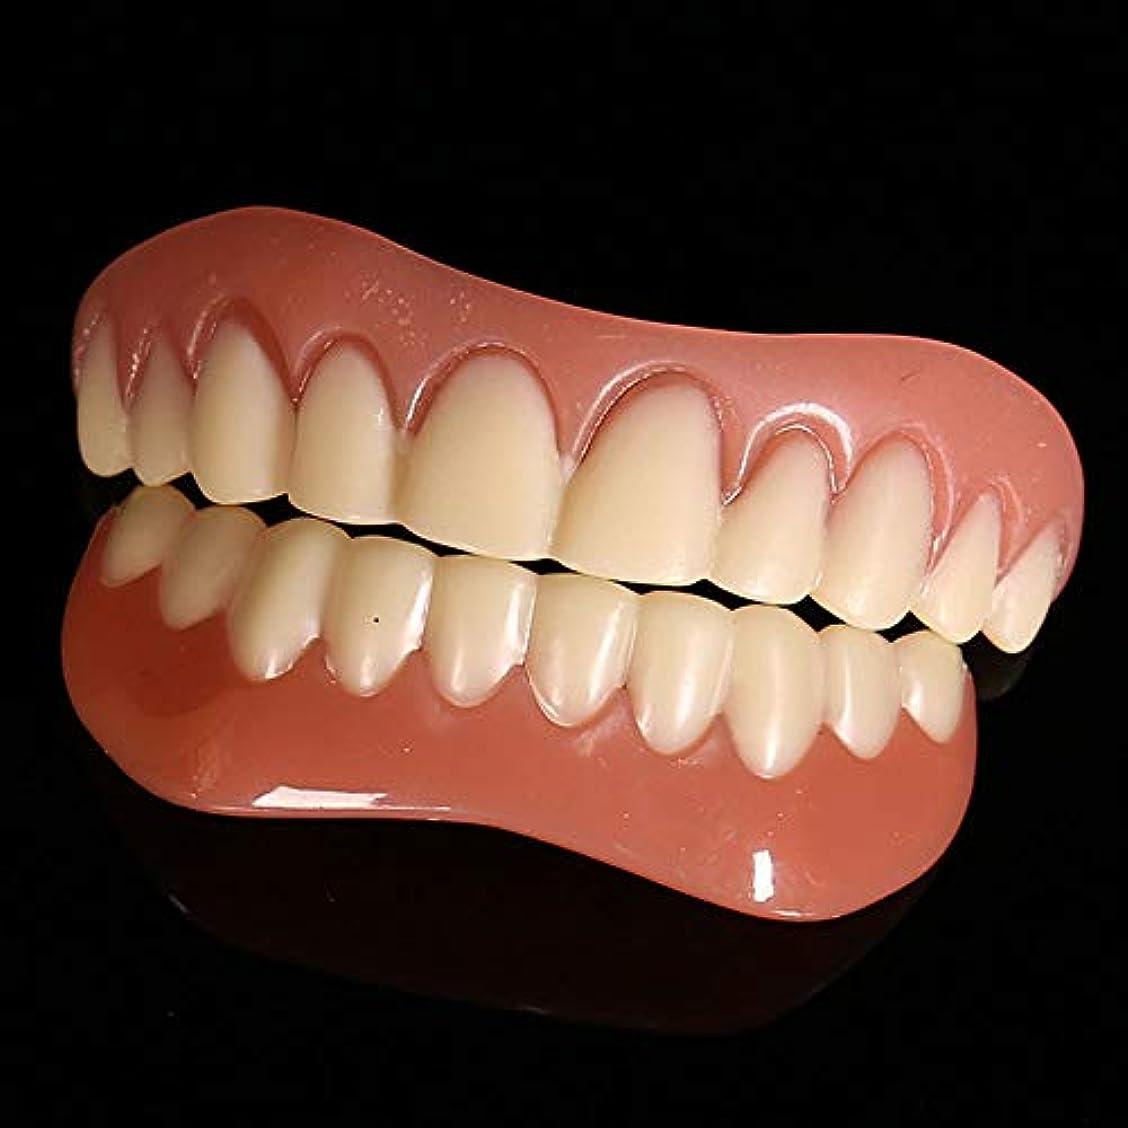 シャワーハイランドカーテン義歯シミュレーション入れ歯の6セットは、シリコーン現実的なホワイトニング中括弧を使用してサイクルを洗浄することができます